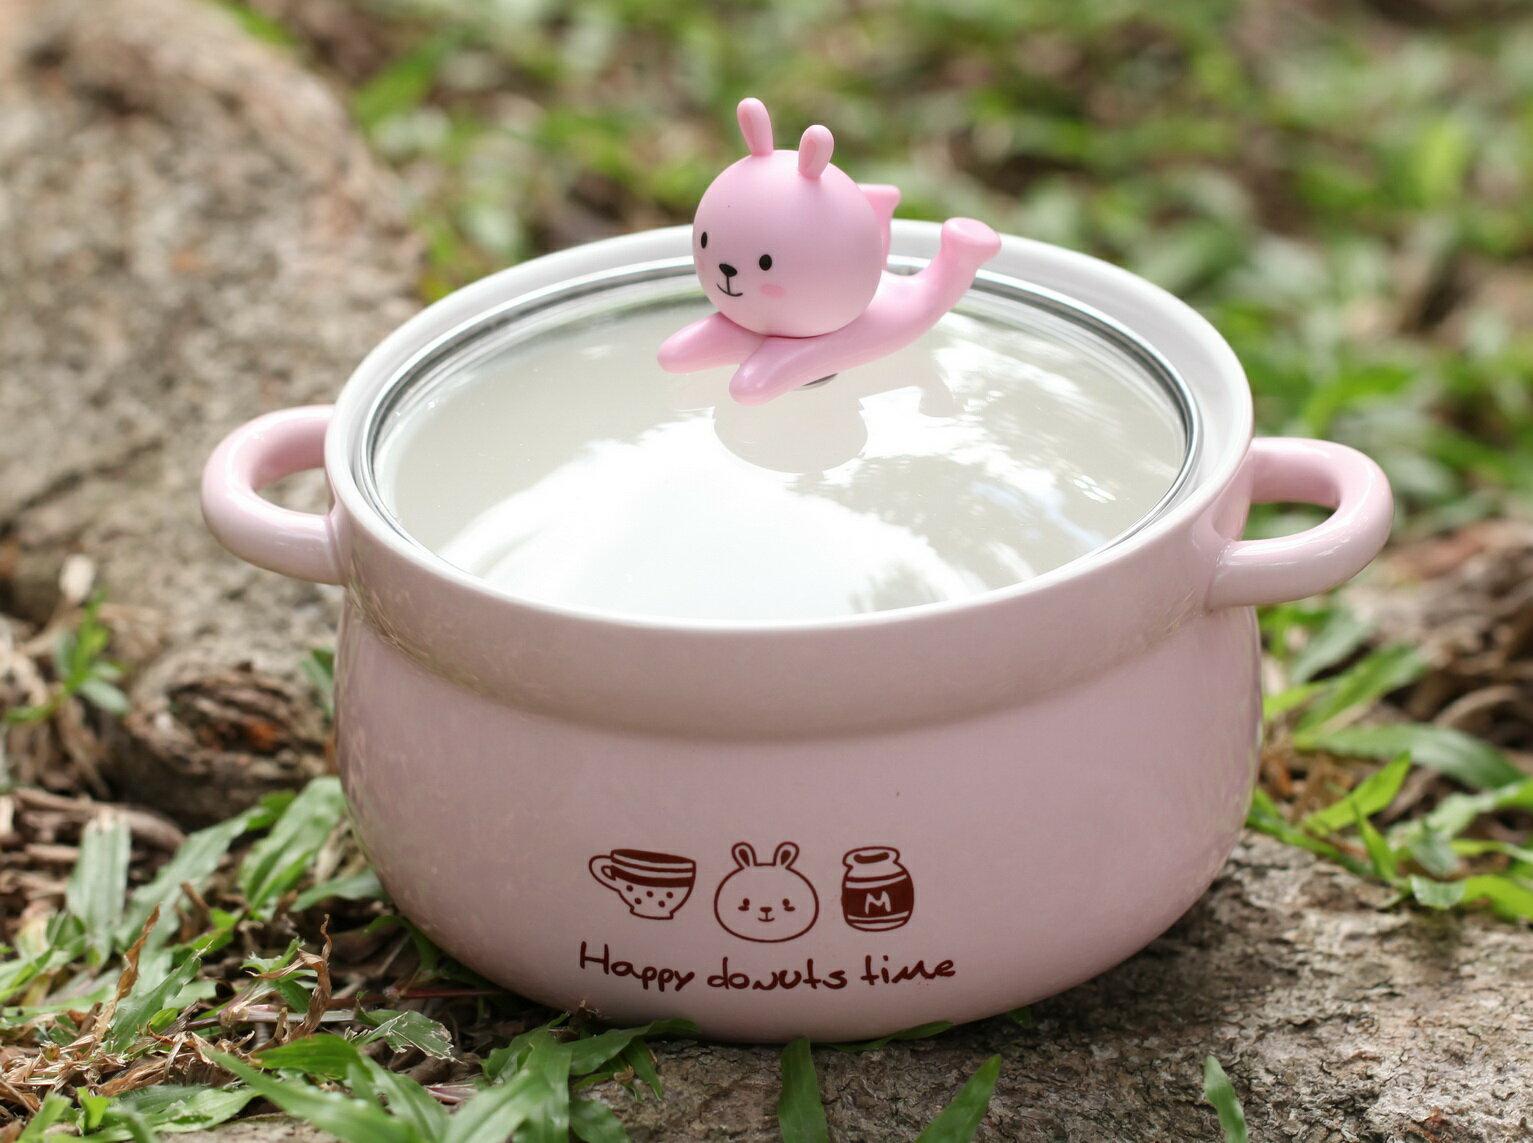 韓國卡通創意泡麵碗帶蓋雙耳陶瓷碗碗蓋可放置手機喔760g